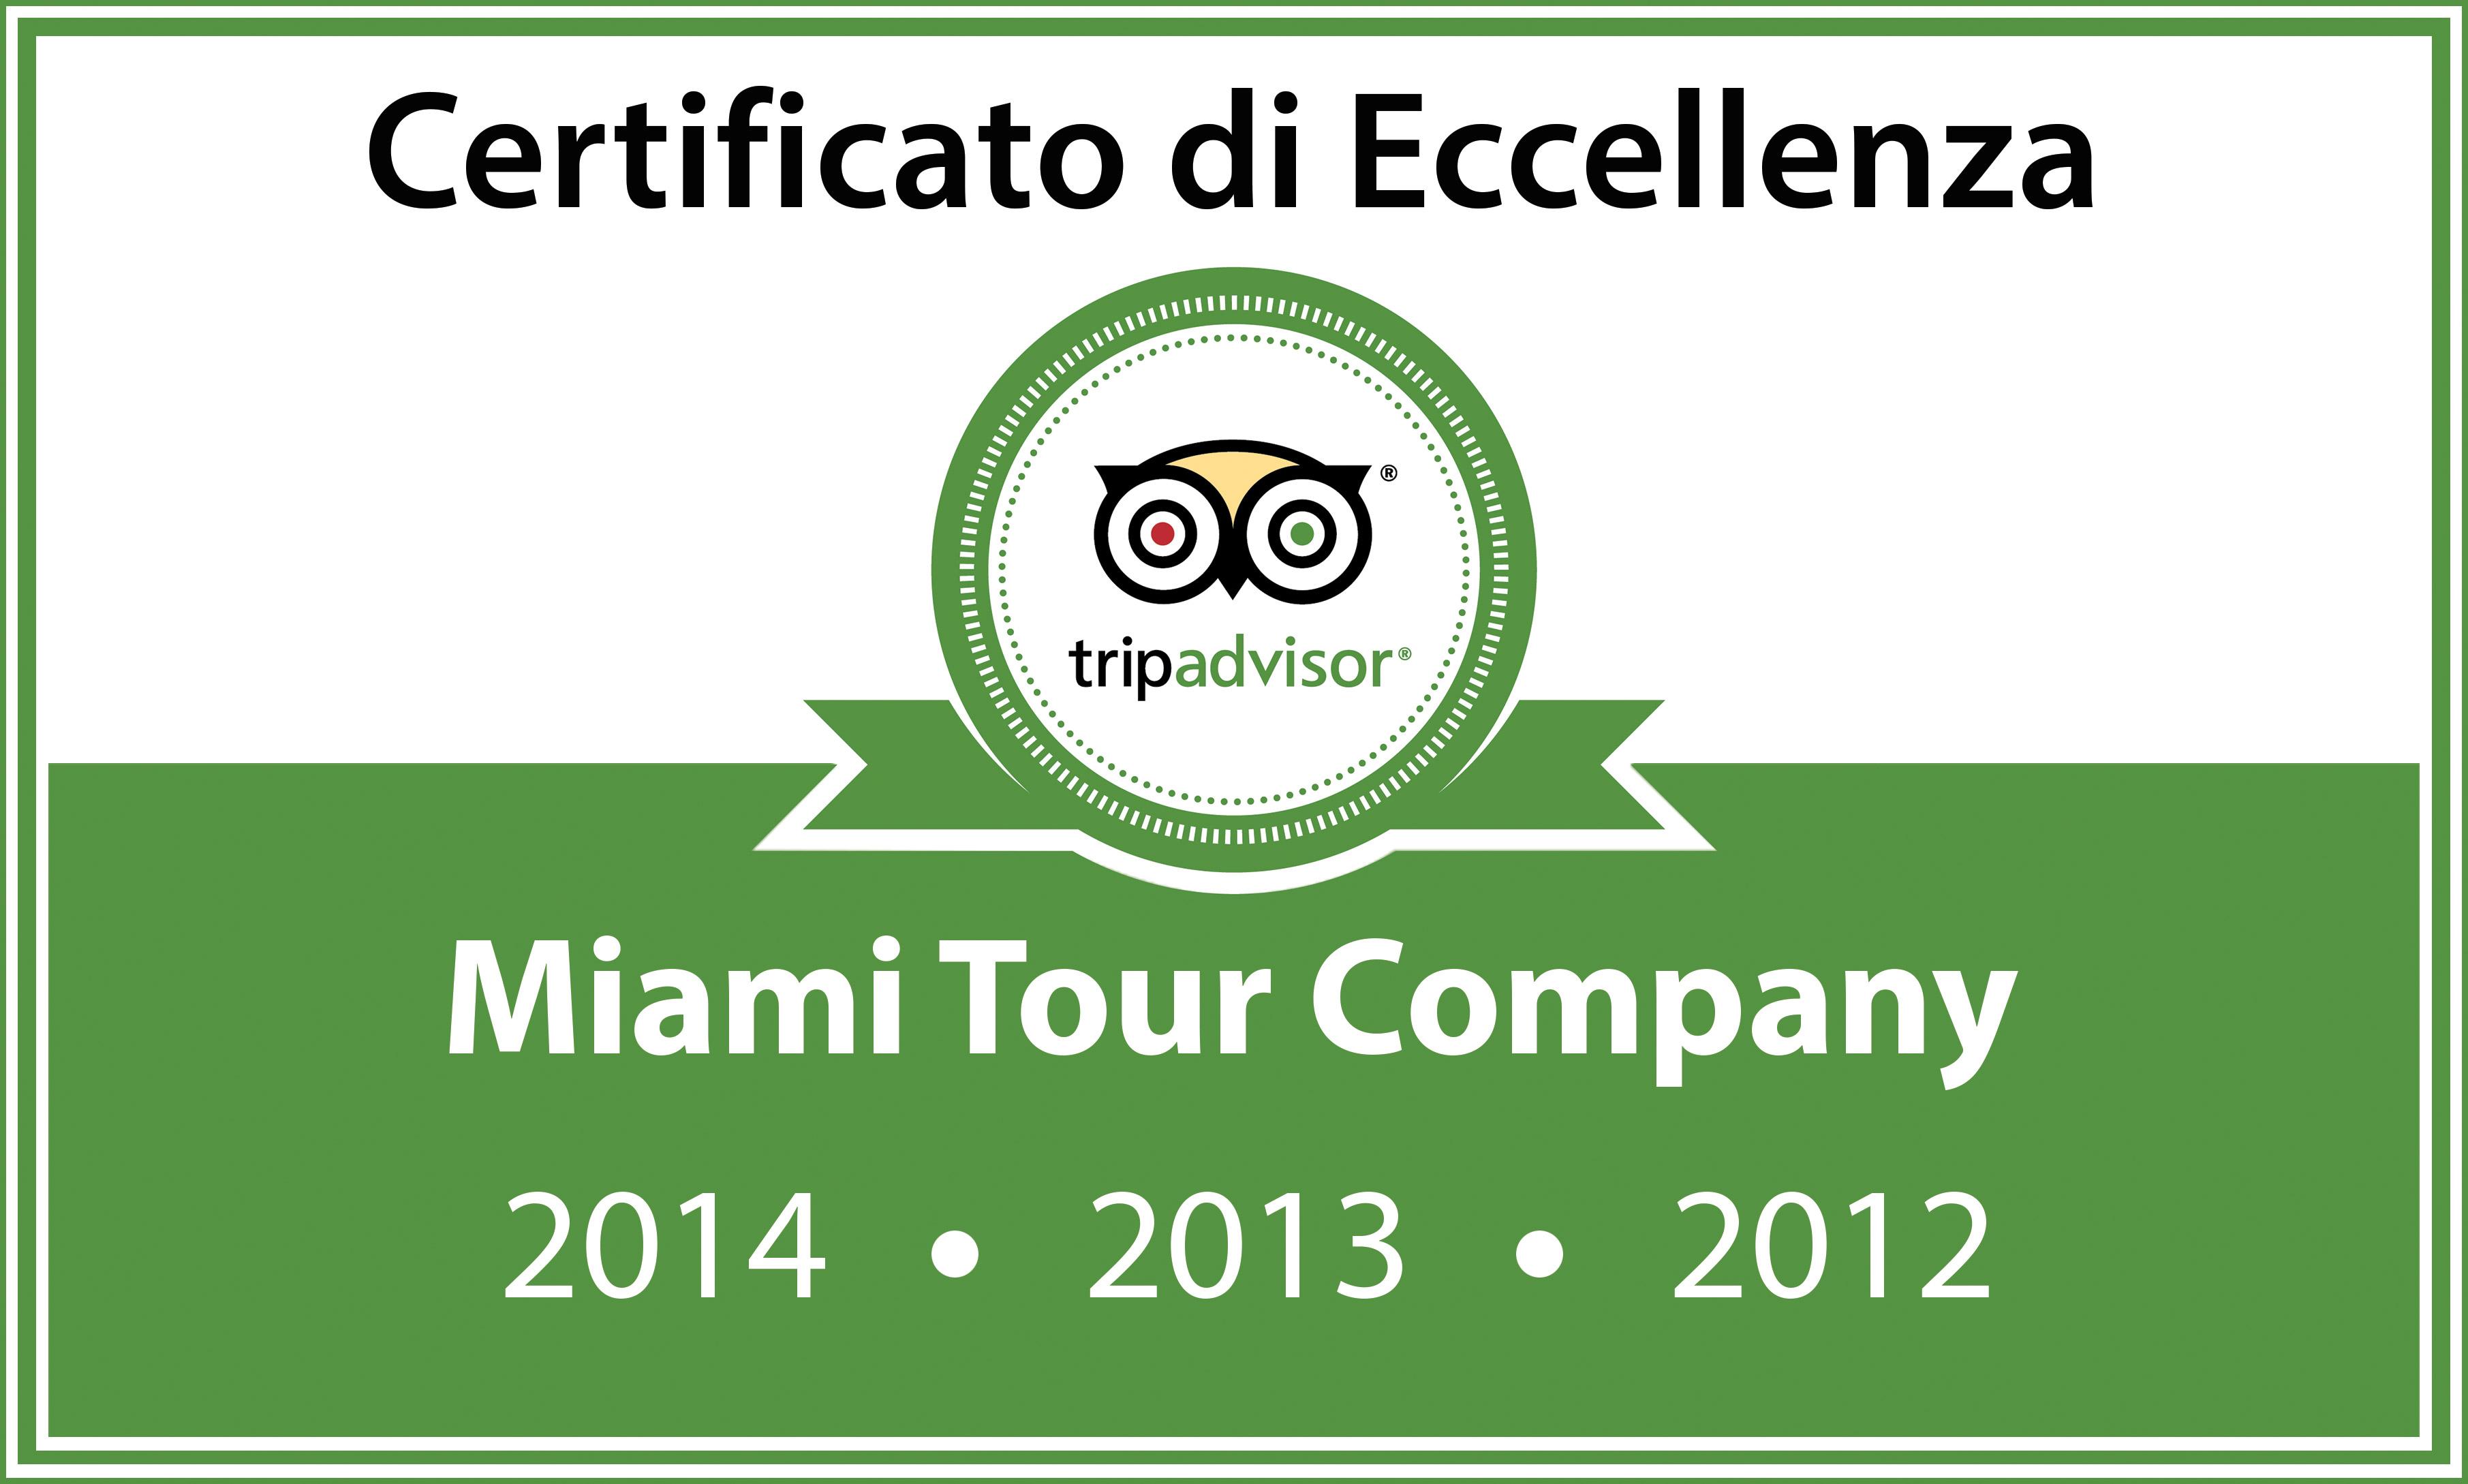 TripAdvisor Certificato di Eccellenza per la soddisfazione del cliente